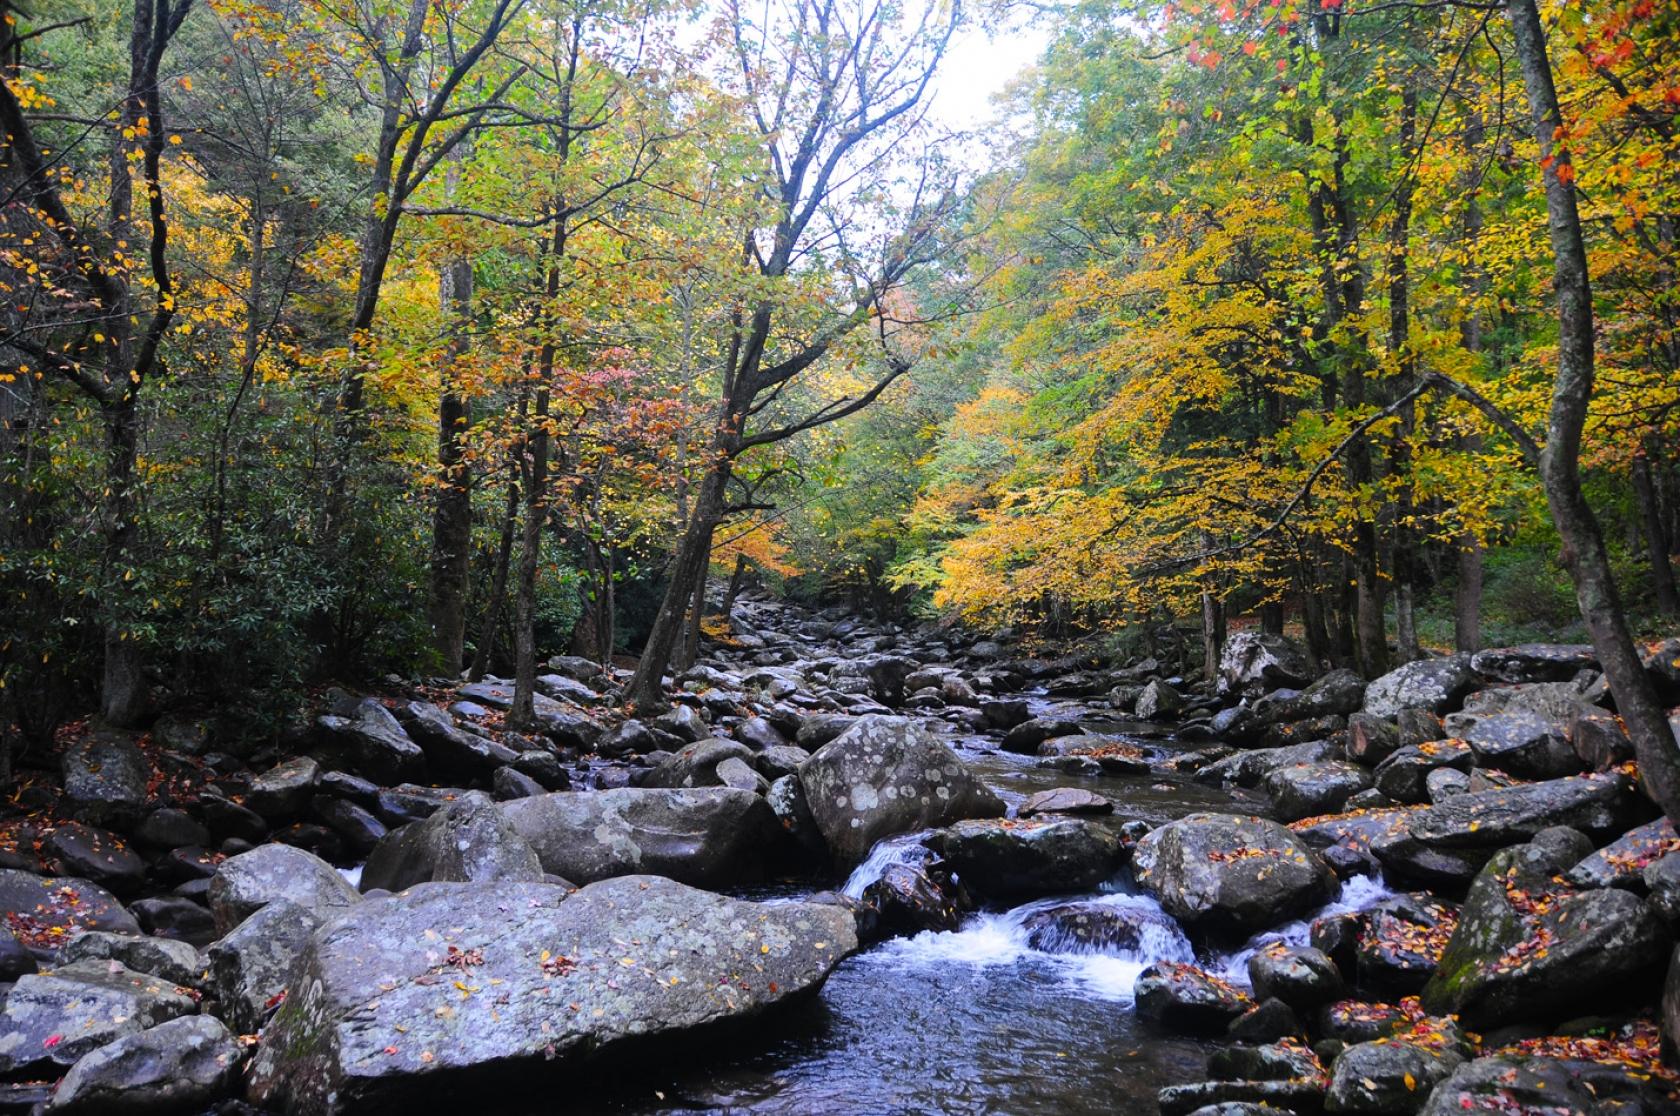 Árboles con hojas amarillas bordean un pequeño río lleno de rocas